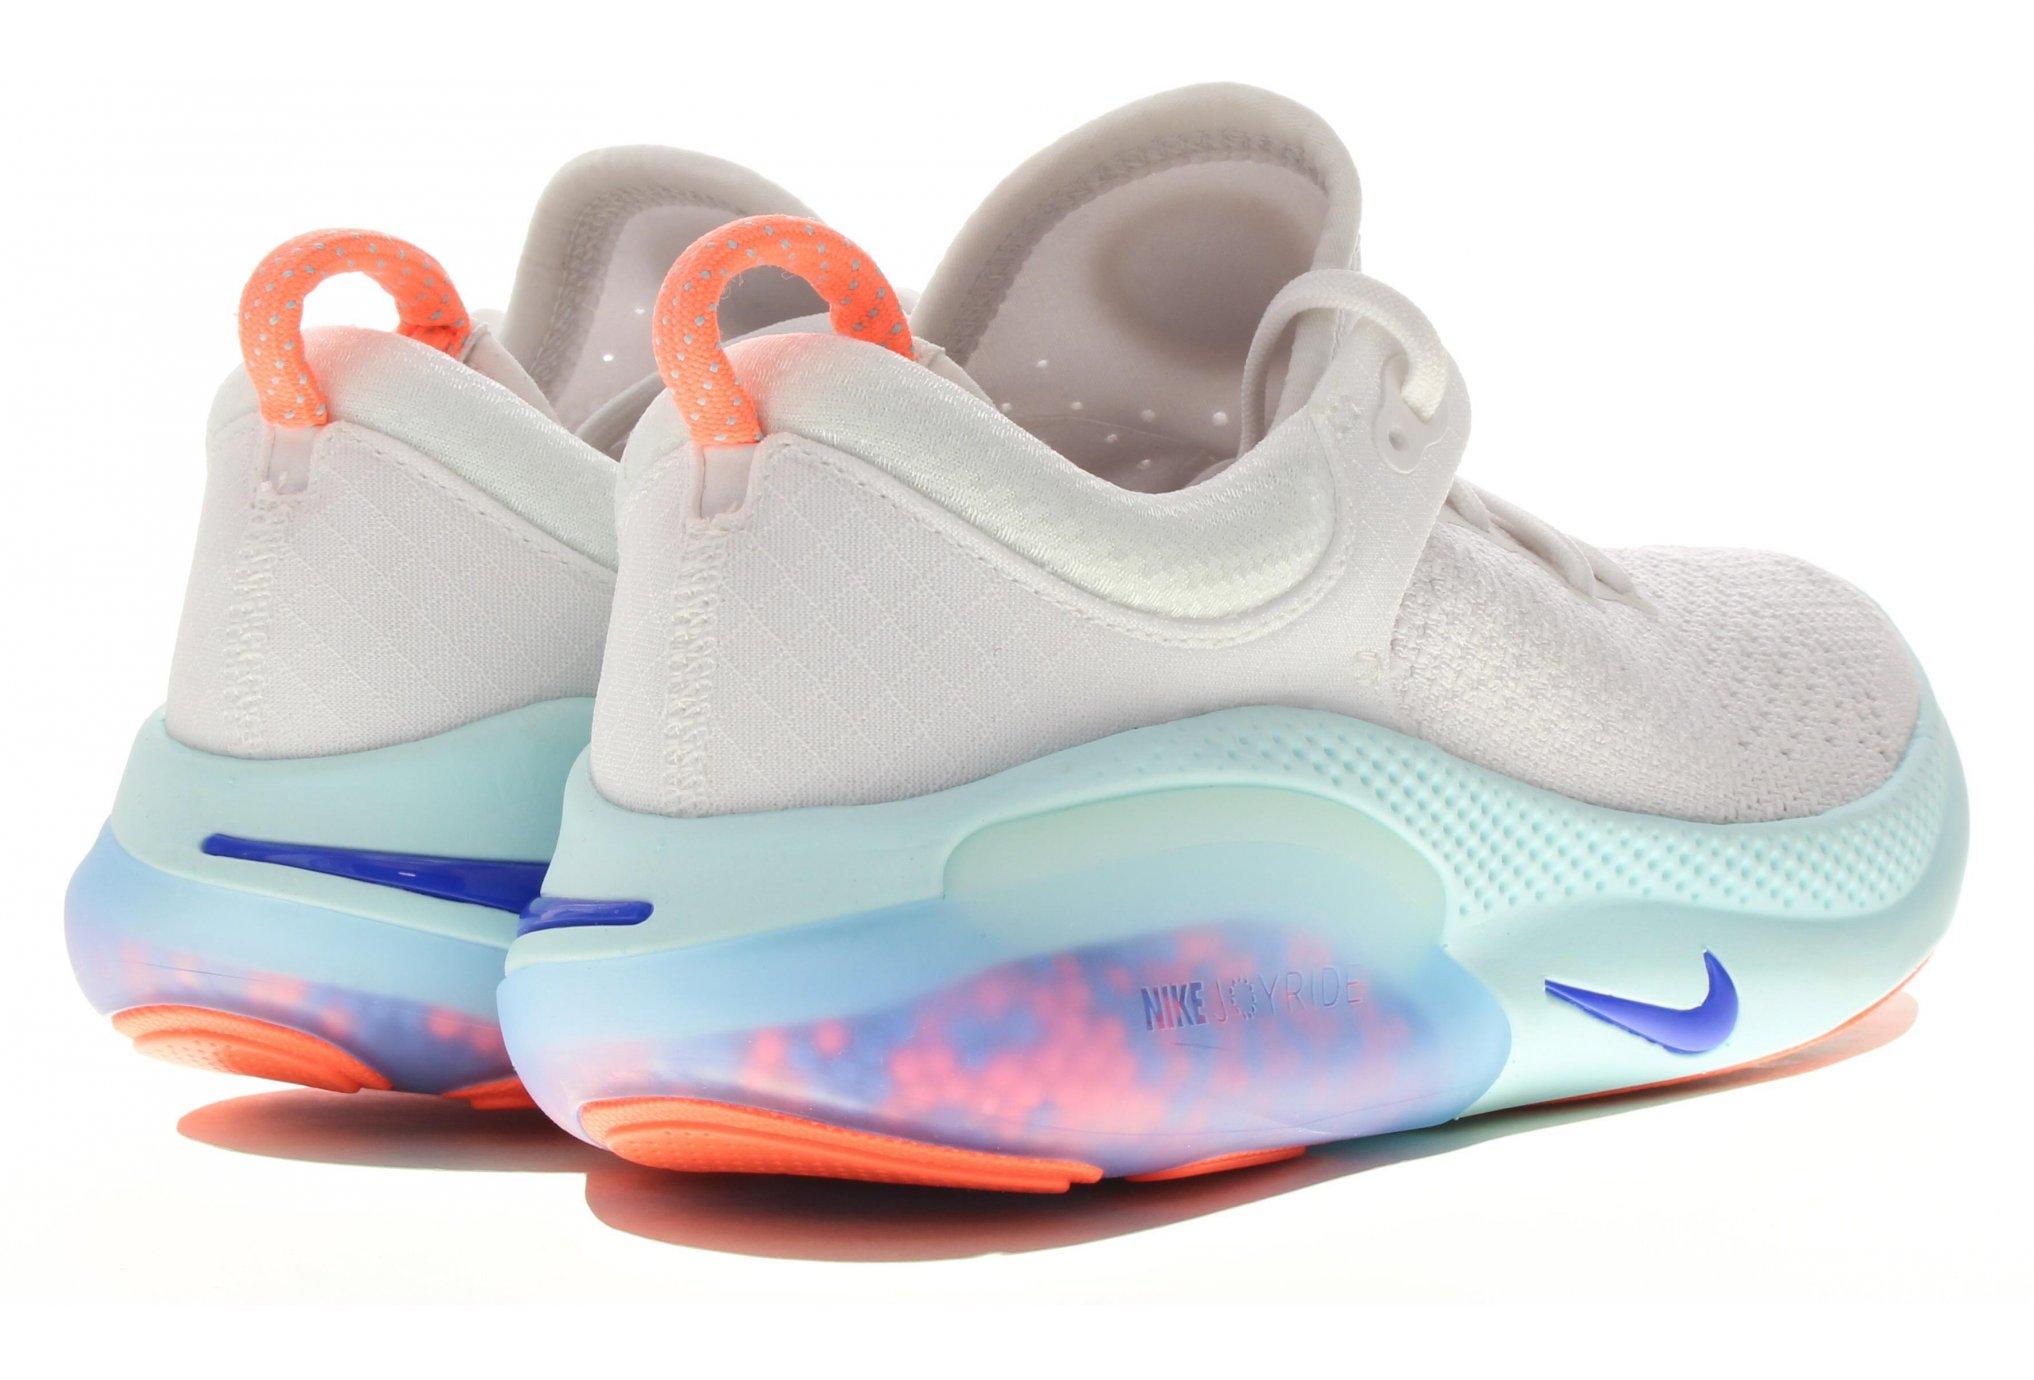 chaussures nike avec des bulles